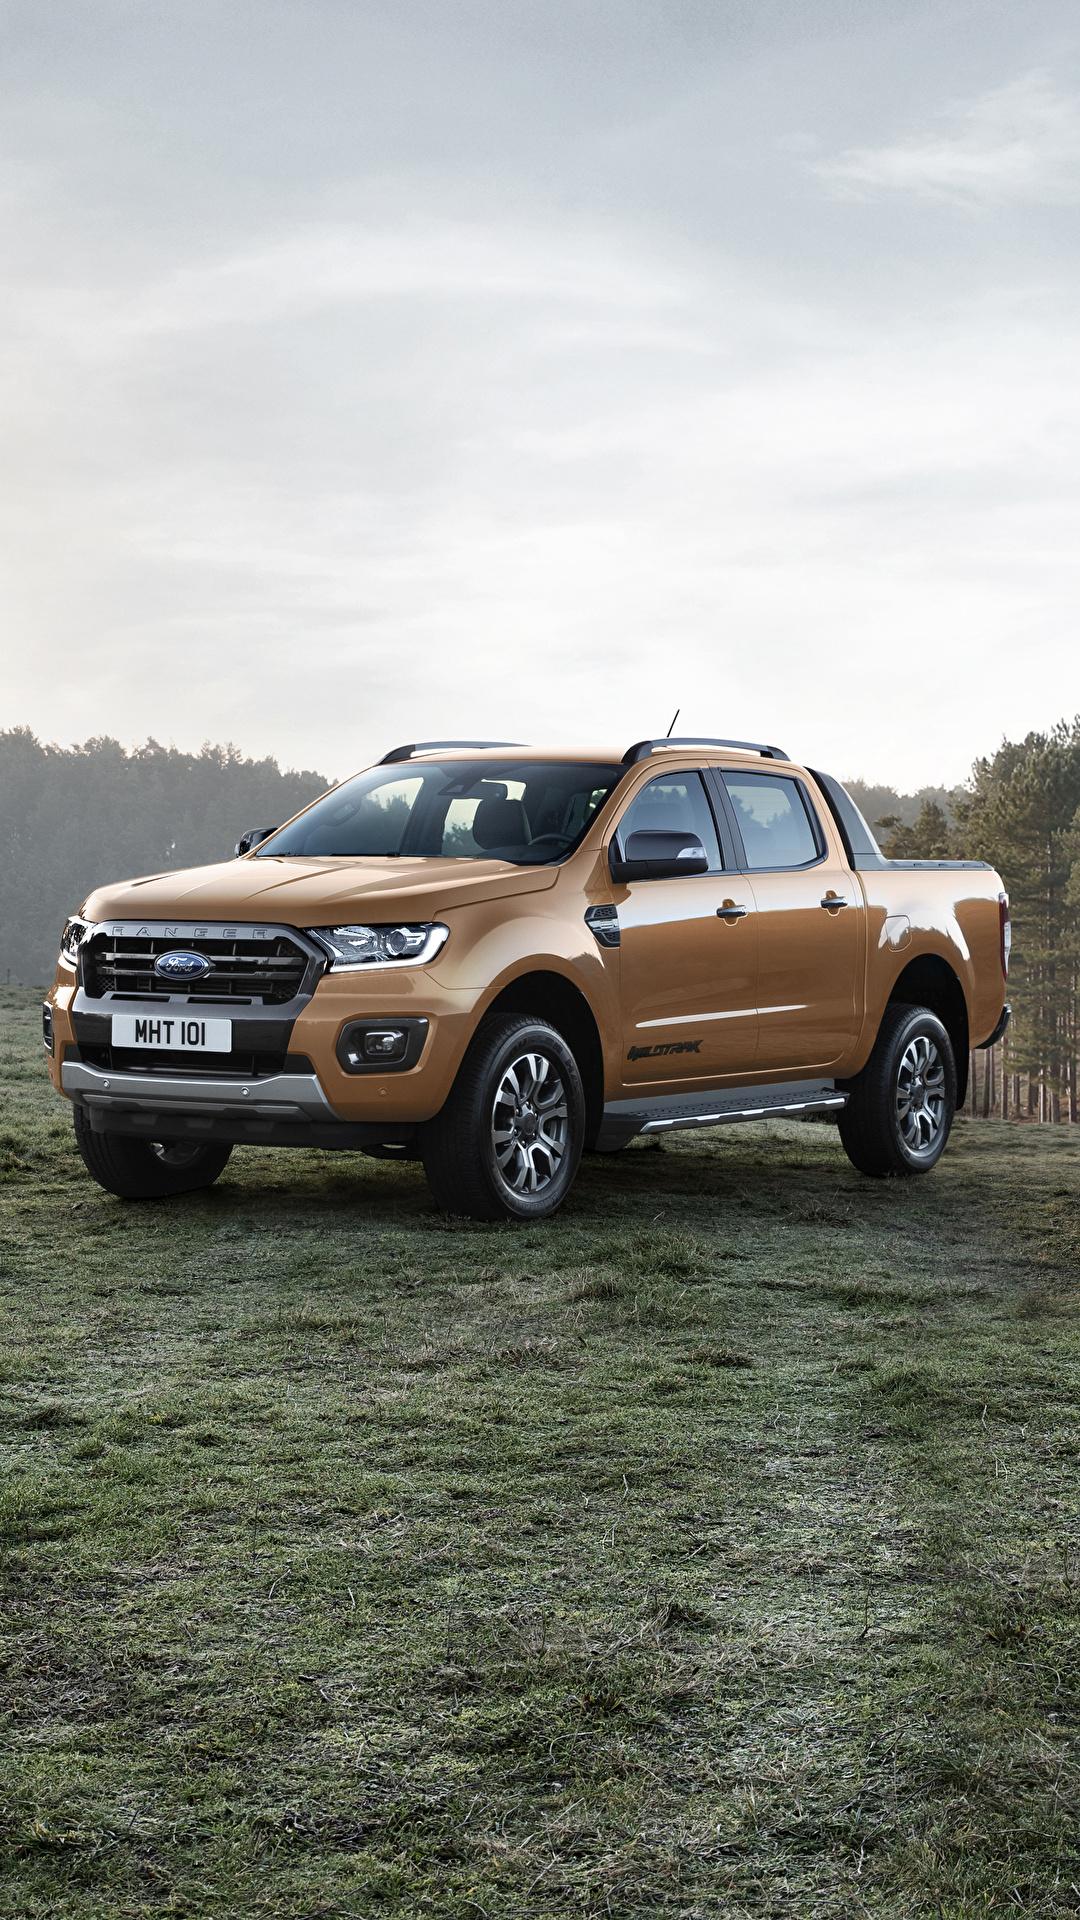 Обои для рабочего стола Форд 2019 Ranger Wildtrak Пикап кузов Металлик Автомобили 1080x1920 для мобильного телефона Ford авто машина машины автомобиль